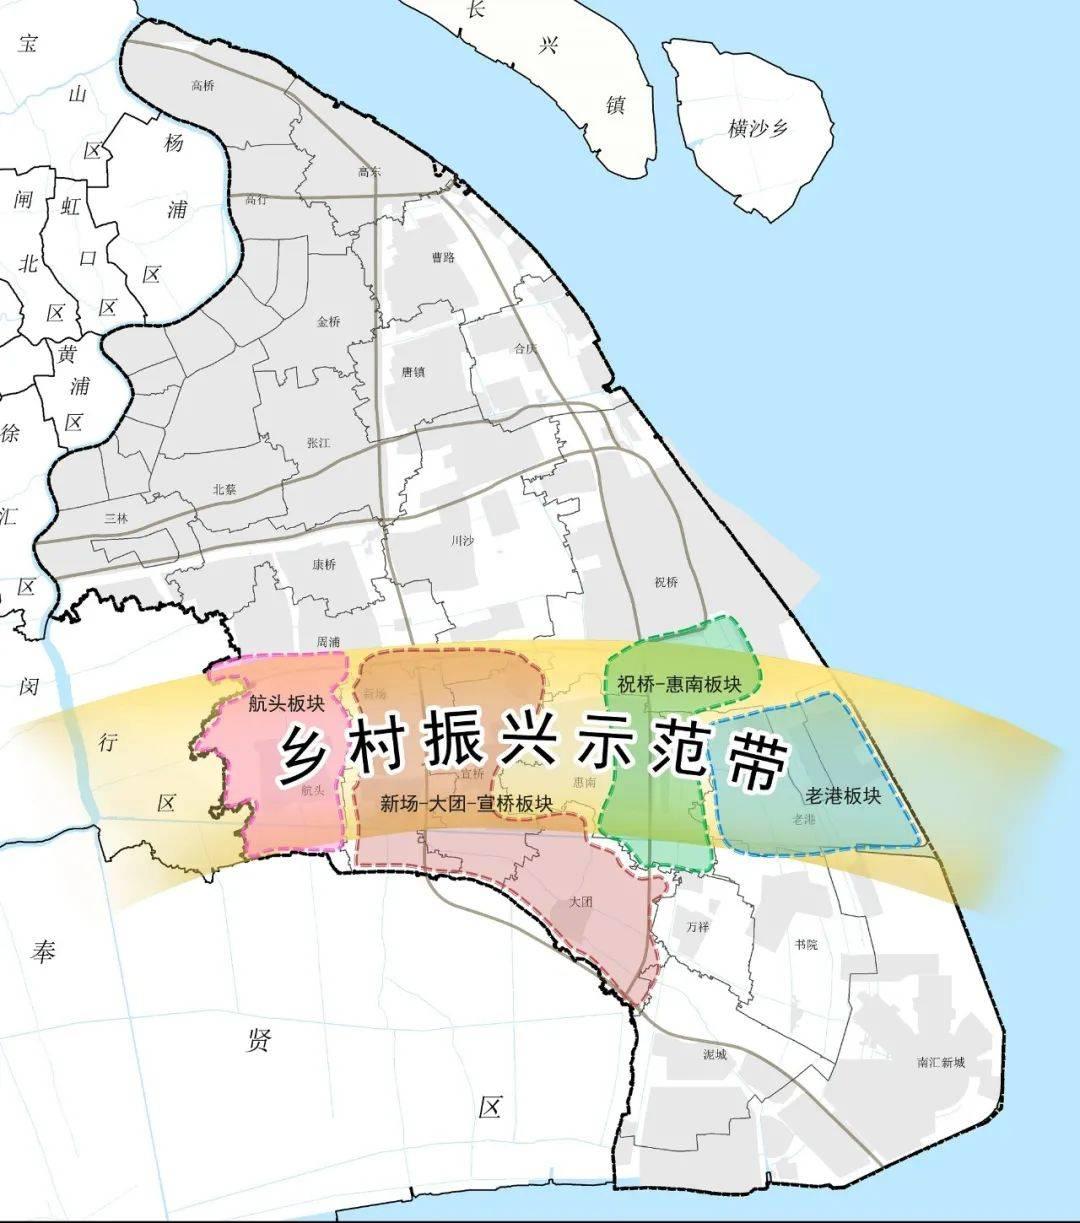 赣榆区乡镇gdp排名_赣榆县有几个乡镇(3)